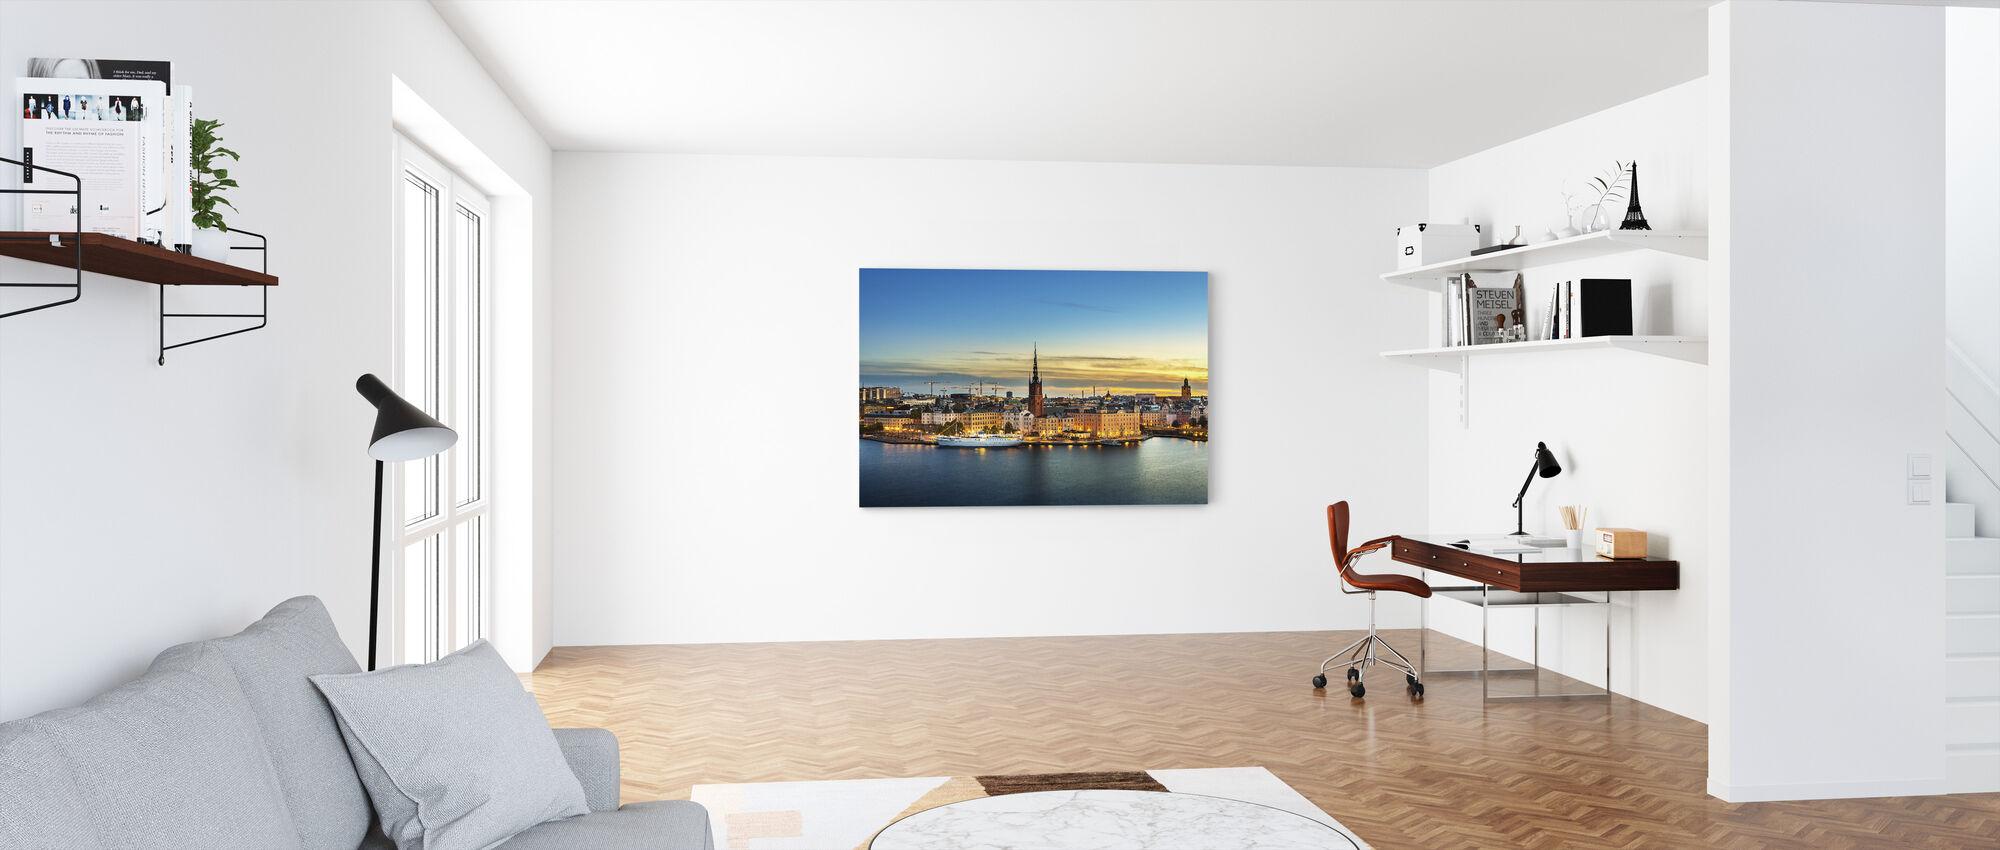 Sunset over Riddarholmen Stockholm - Canvas print - Office